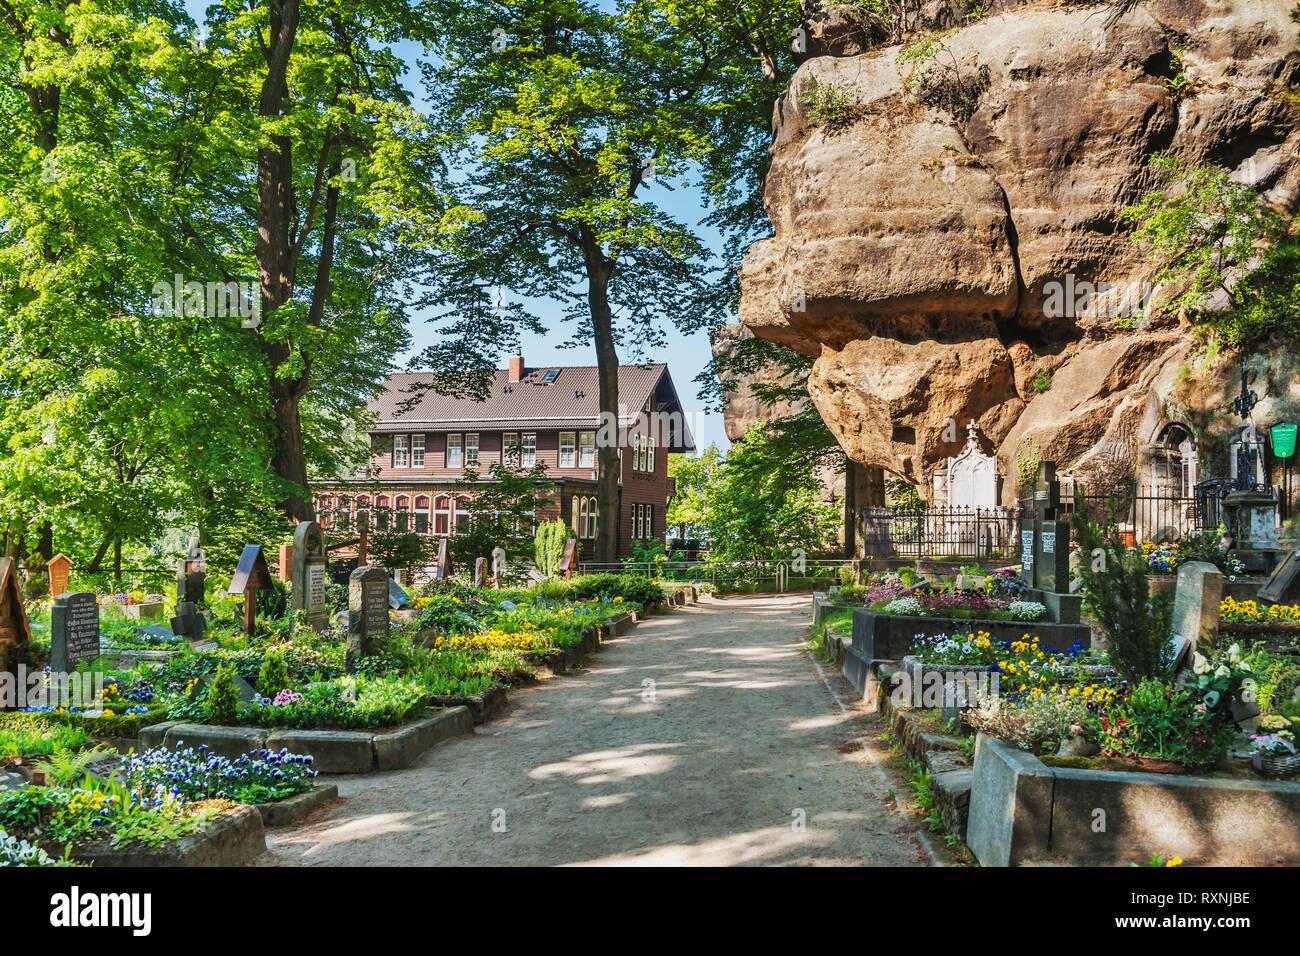 Der Friedhof und der Berggasthof (Mountain Inn) Oybin, Landkreis Görlitz, Sachsen, Deutschland, Europa Stockbild